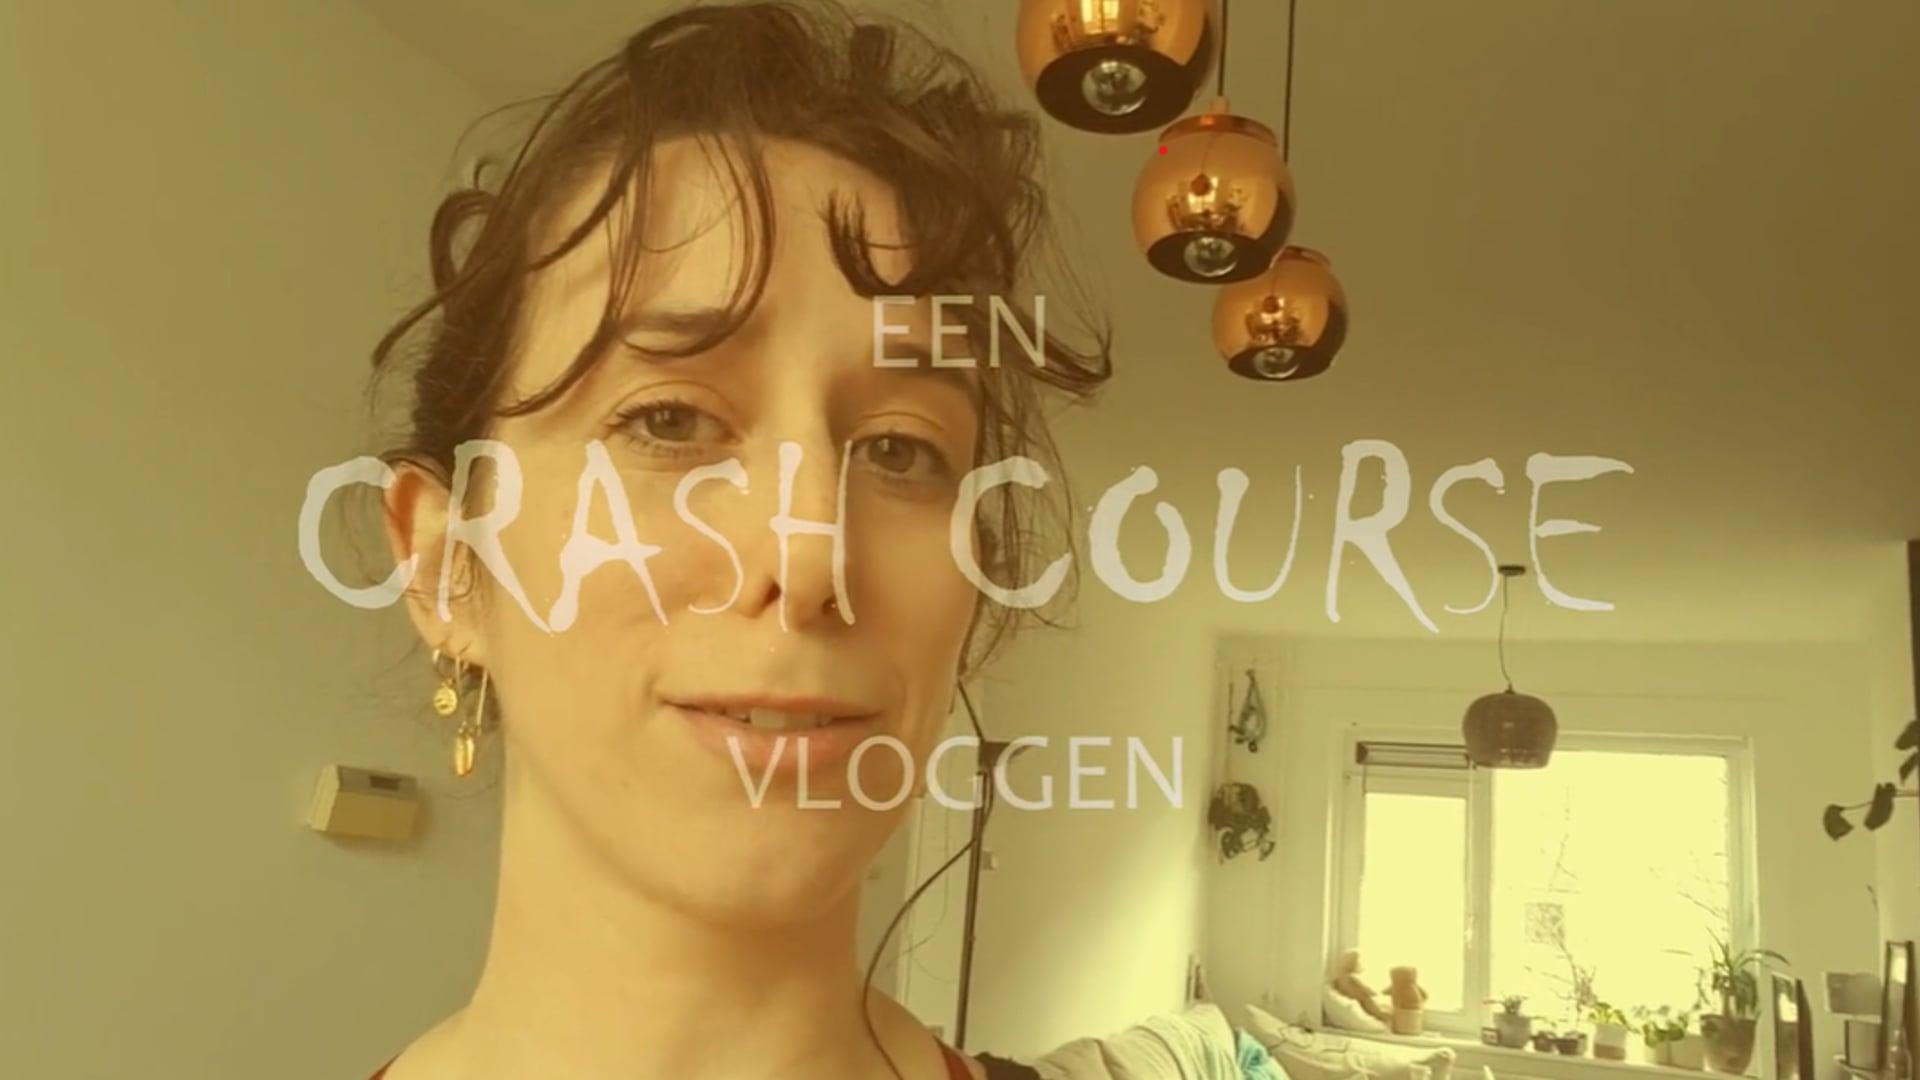 Trailer: een crash course vloggen